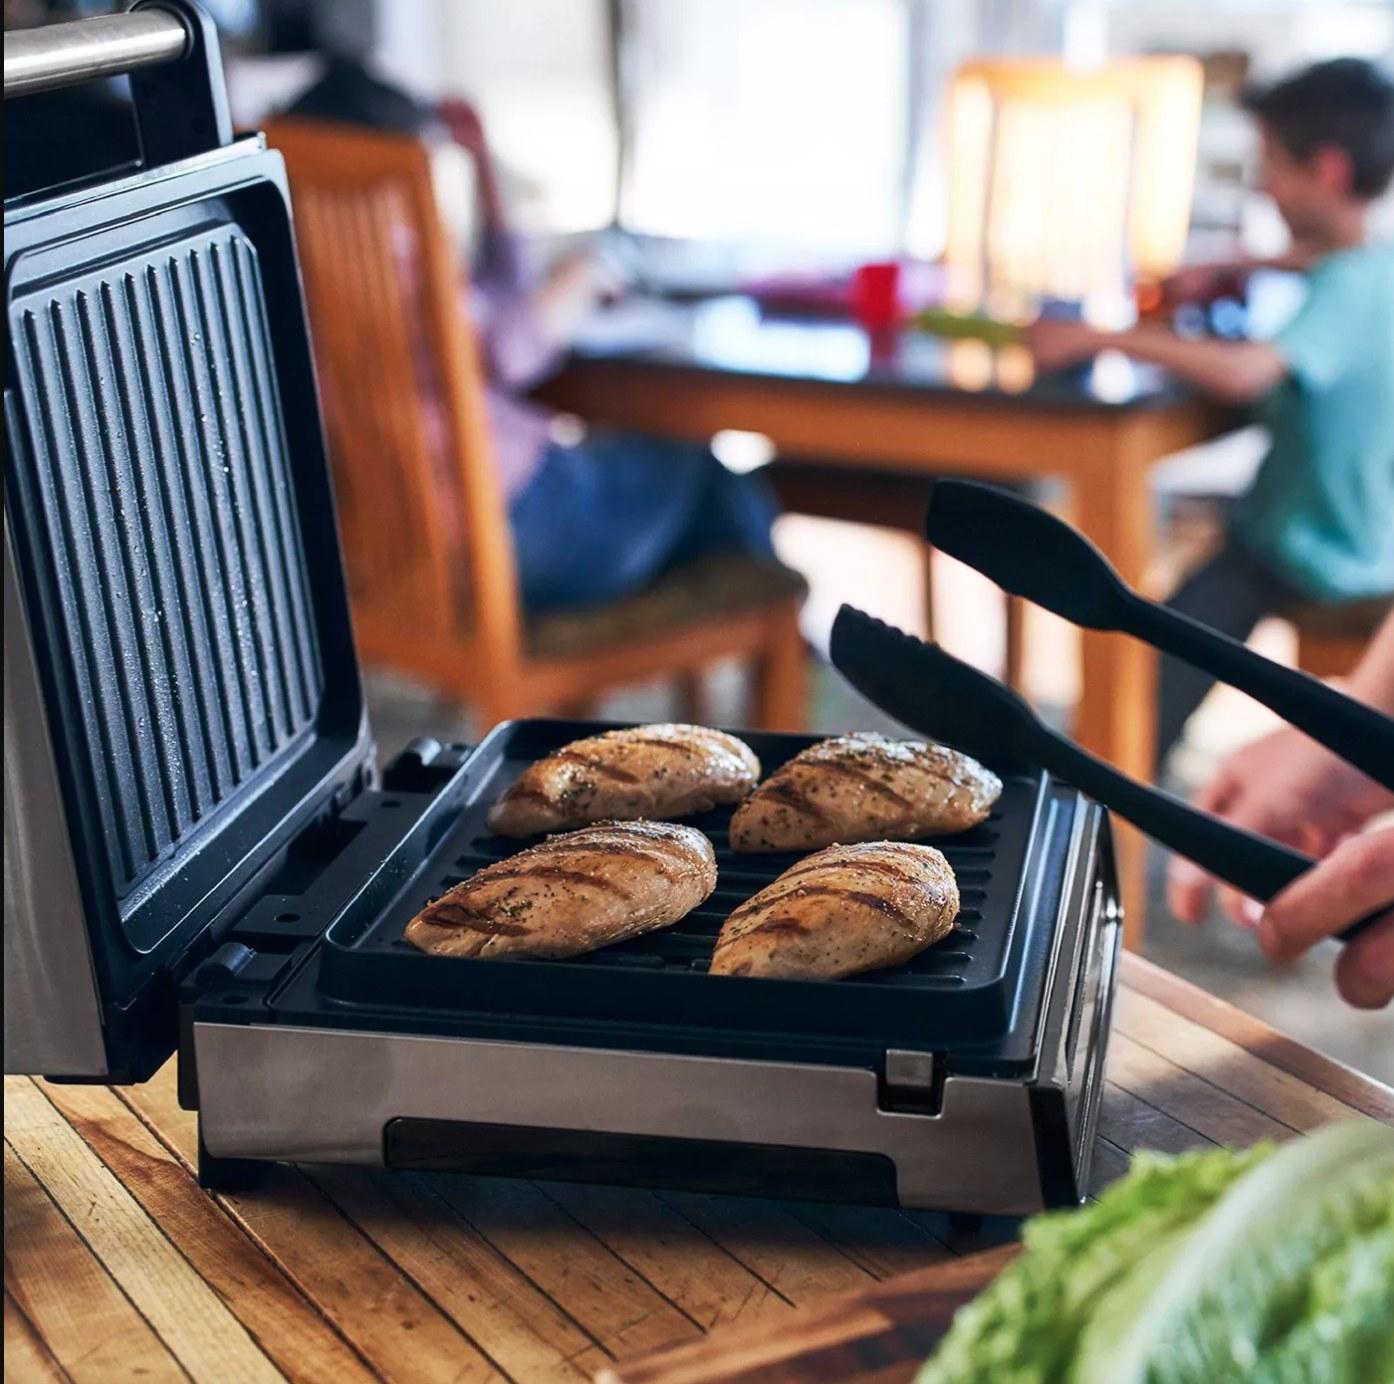 无烟乔治福尔曼烤架在黑色和不锈钢